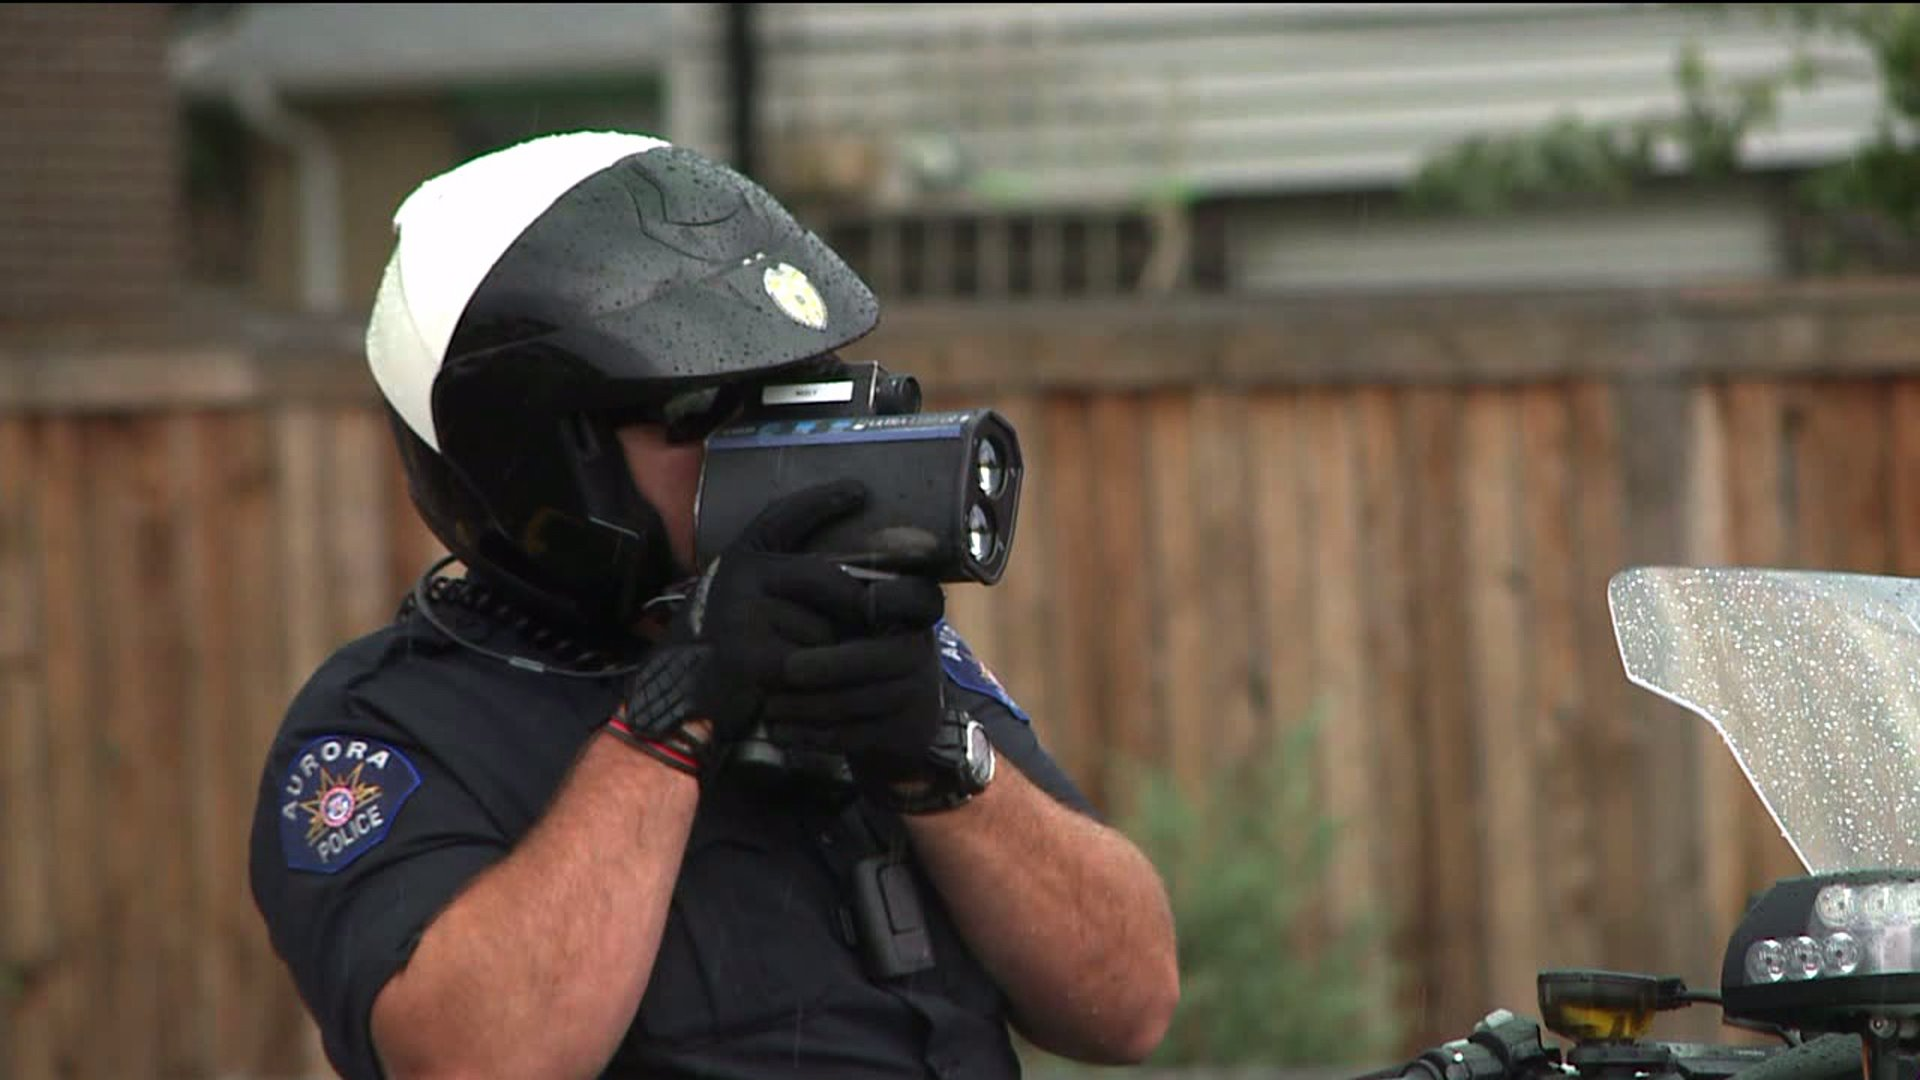 Aurora police officer checking speed with a radar gun